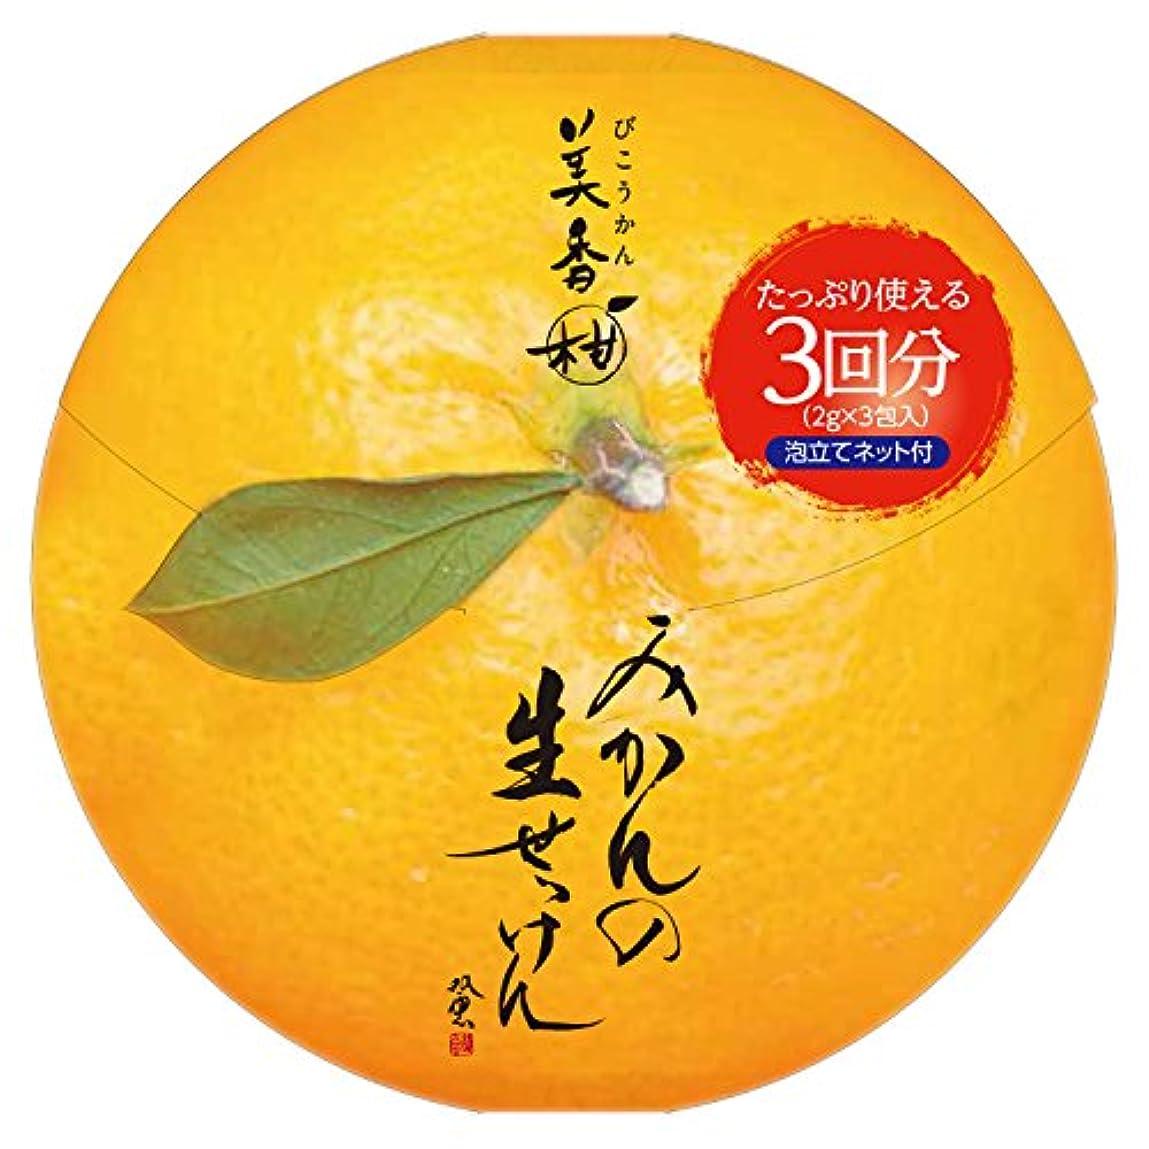 続けるのれん強化する美香柑 みかんの生せっけん 洗顔石鹸 無添加? トライアルセット 泡立てネット付 2g×3回分